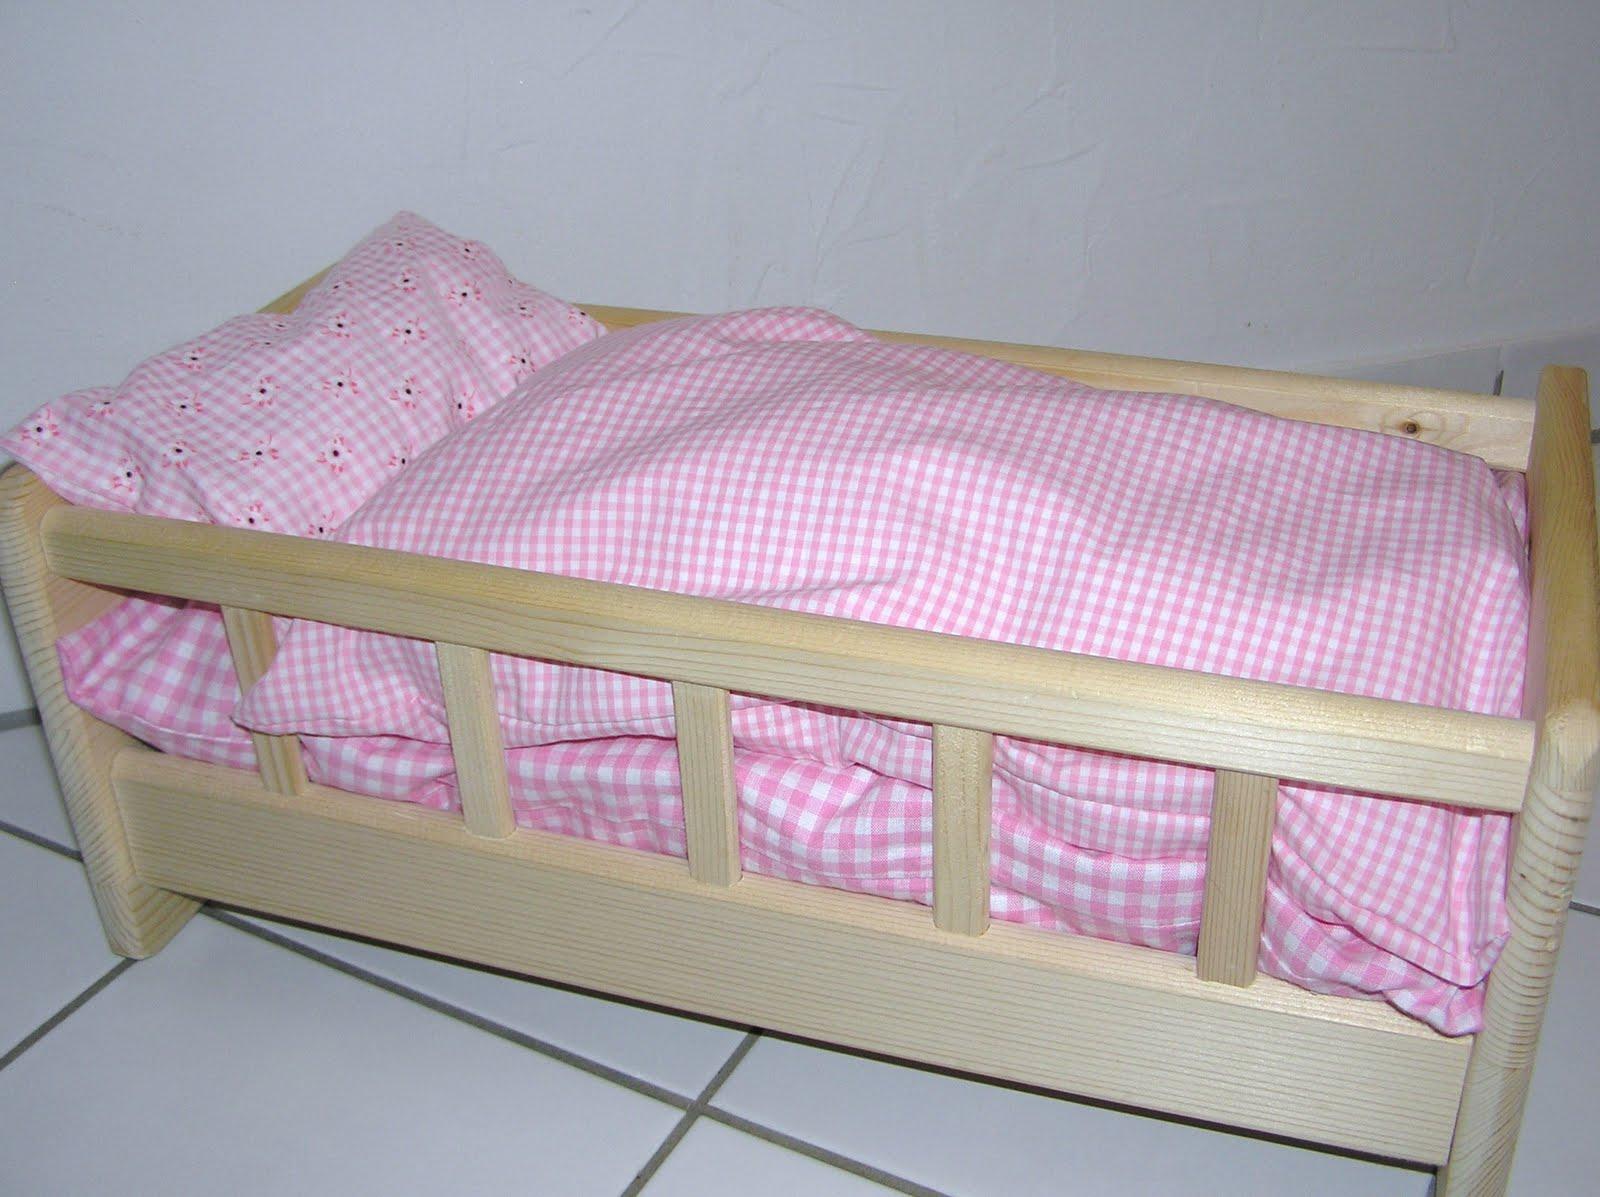 denise n hk stchen puppenbett mit bettw sche. Black Bedroom Furniture Sets. Home Design Ideas